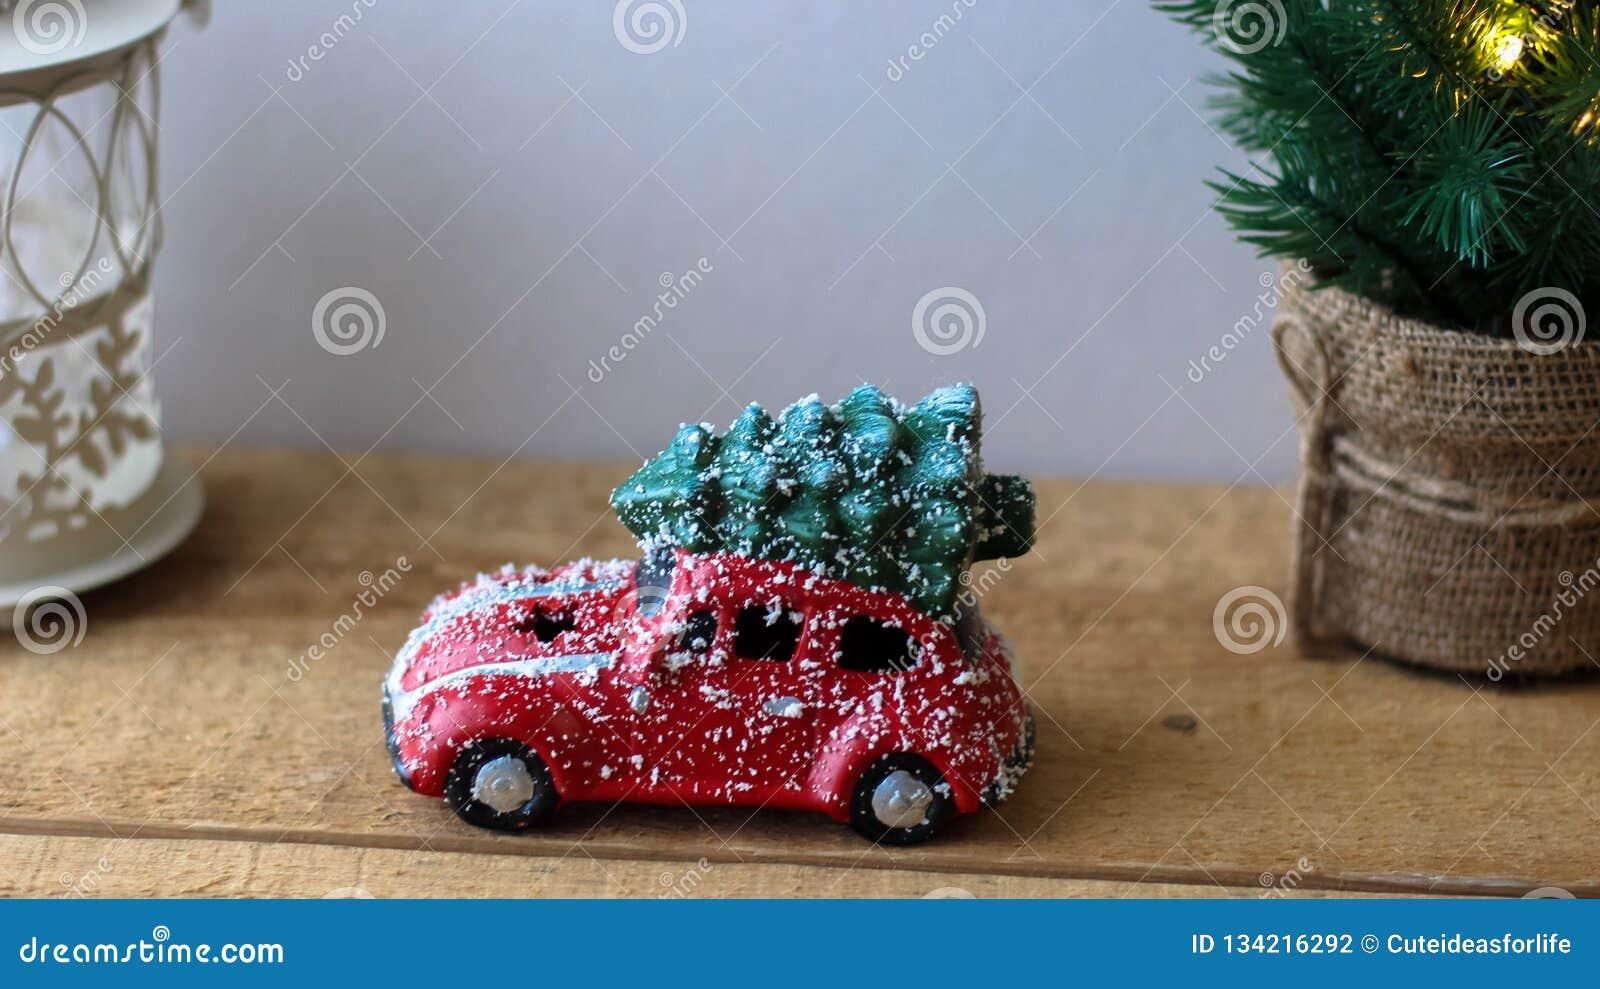 Noël Sur Jouet Le De Rouge Arbre Toit Voiture Transport UzpVSM